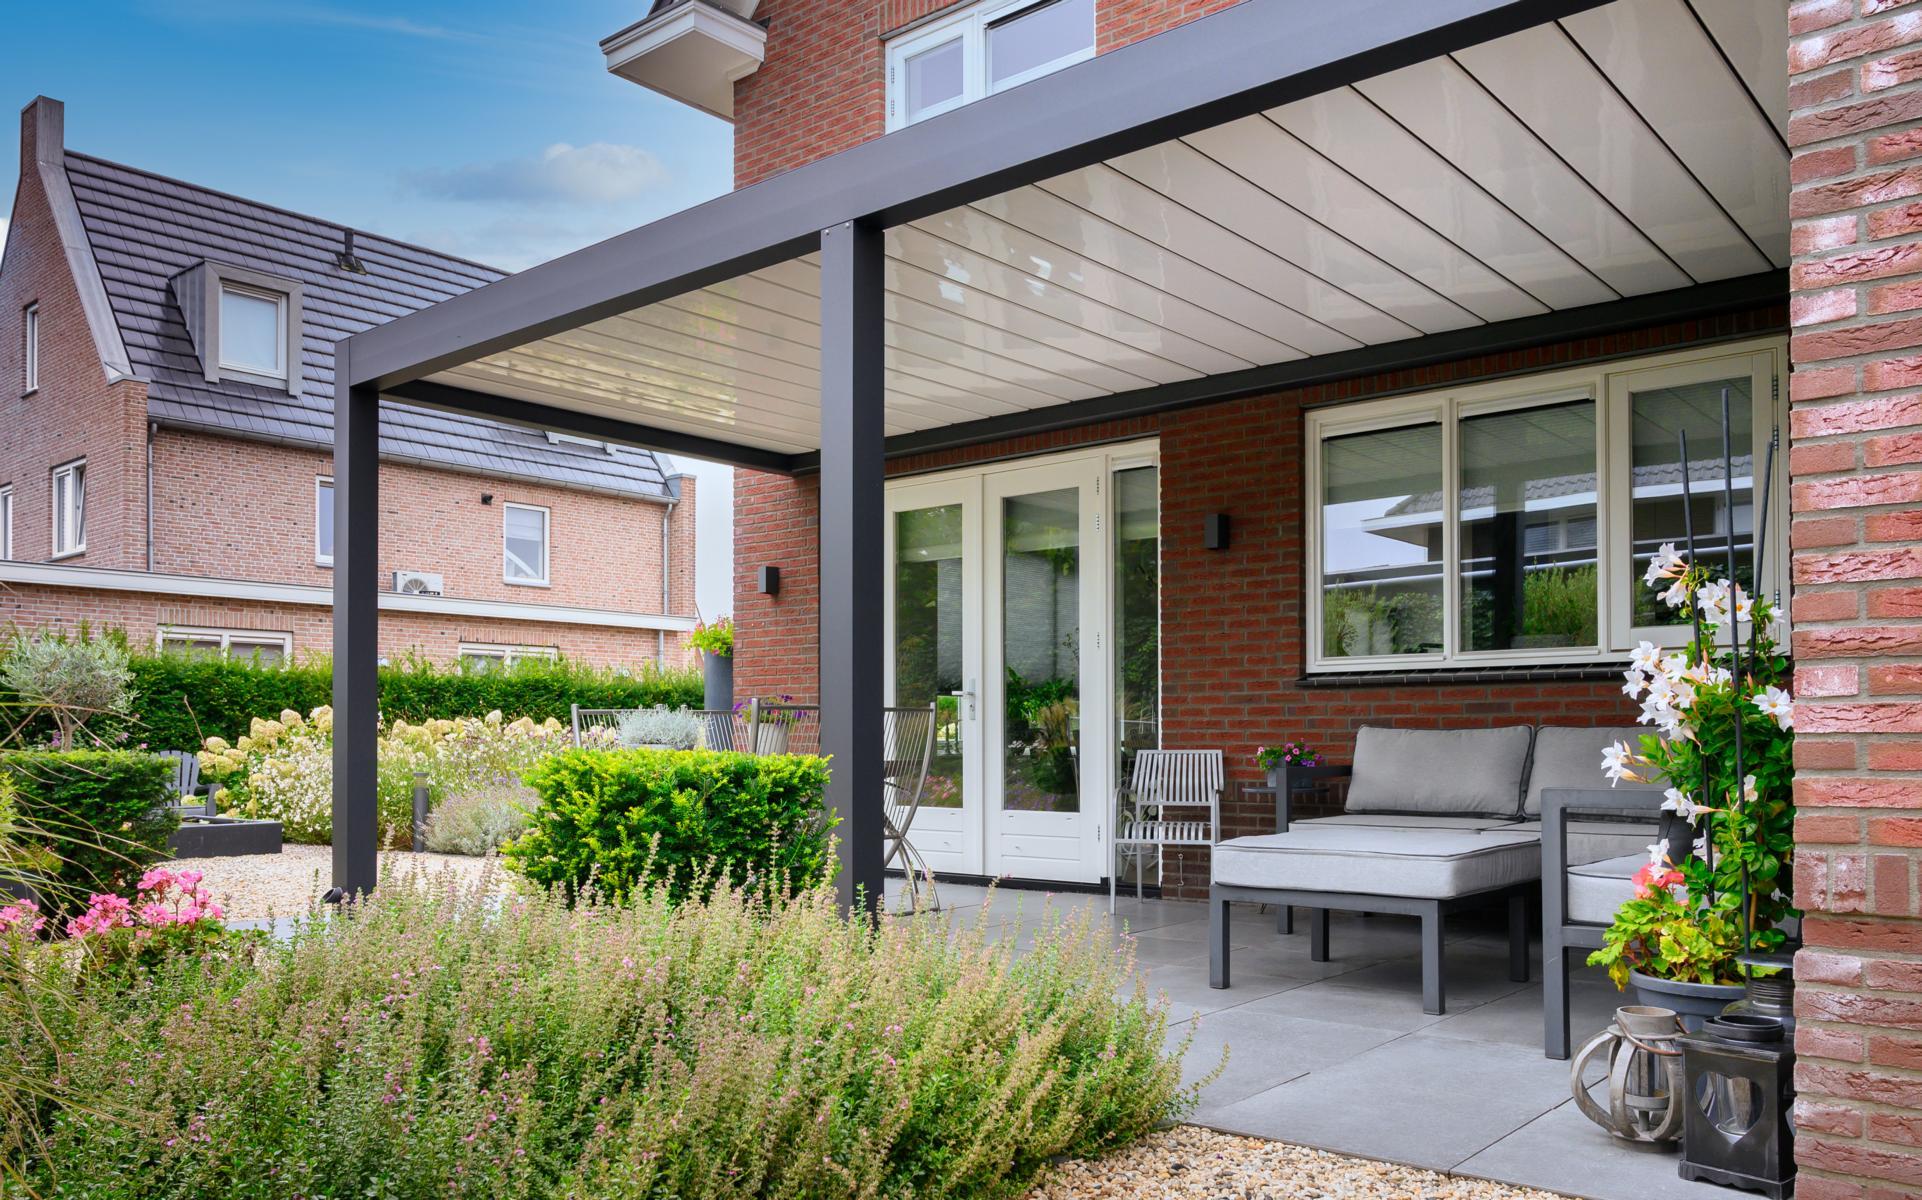 lamellendach skyroofprestige terrassenueberdachung holland privat 4 - Terrassenüberdachung - Schutz und doch flexibel - Referenz-Projekt